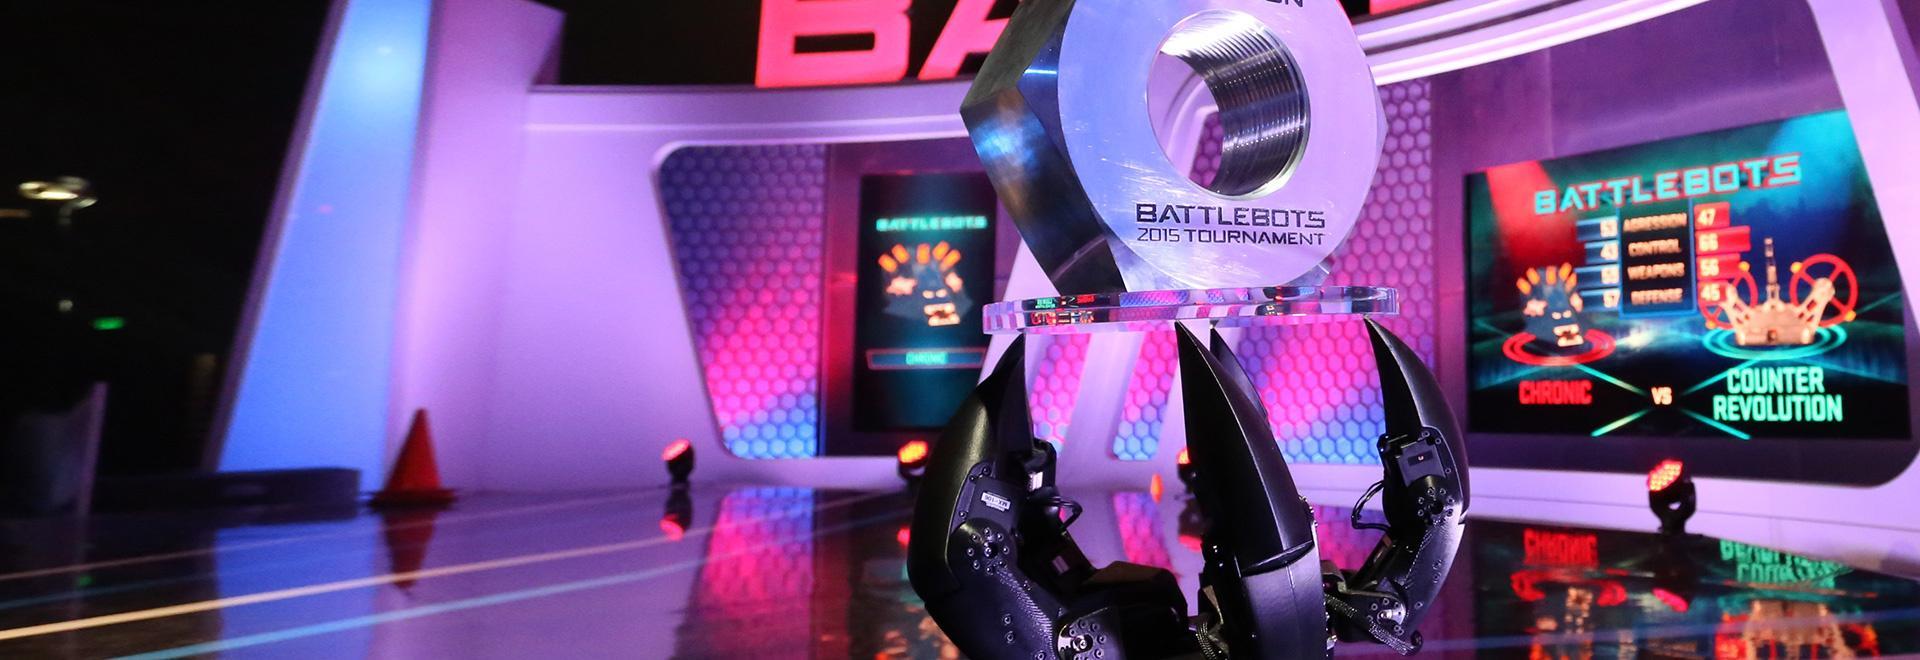 Battlebots: botte da robot